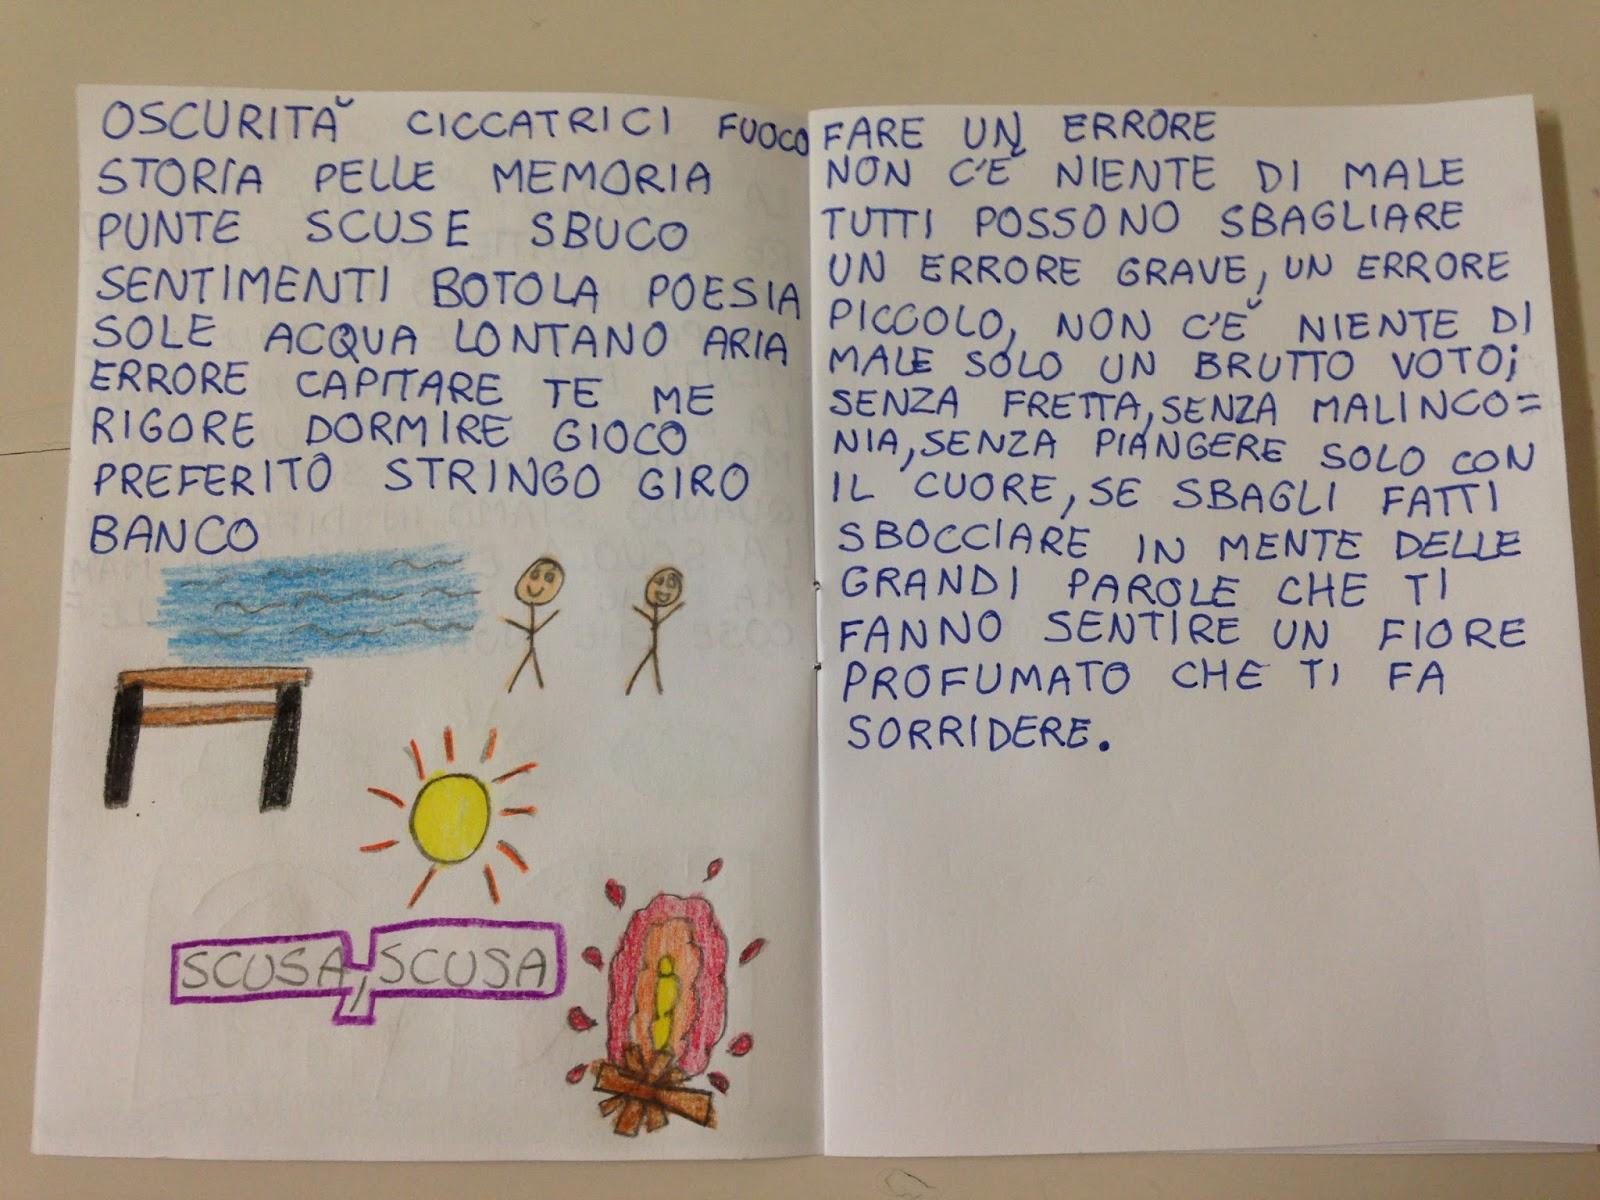 Estremamente APEdario: A scuola si legge - Poesia in terza MD34